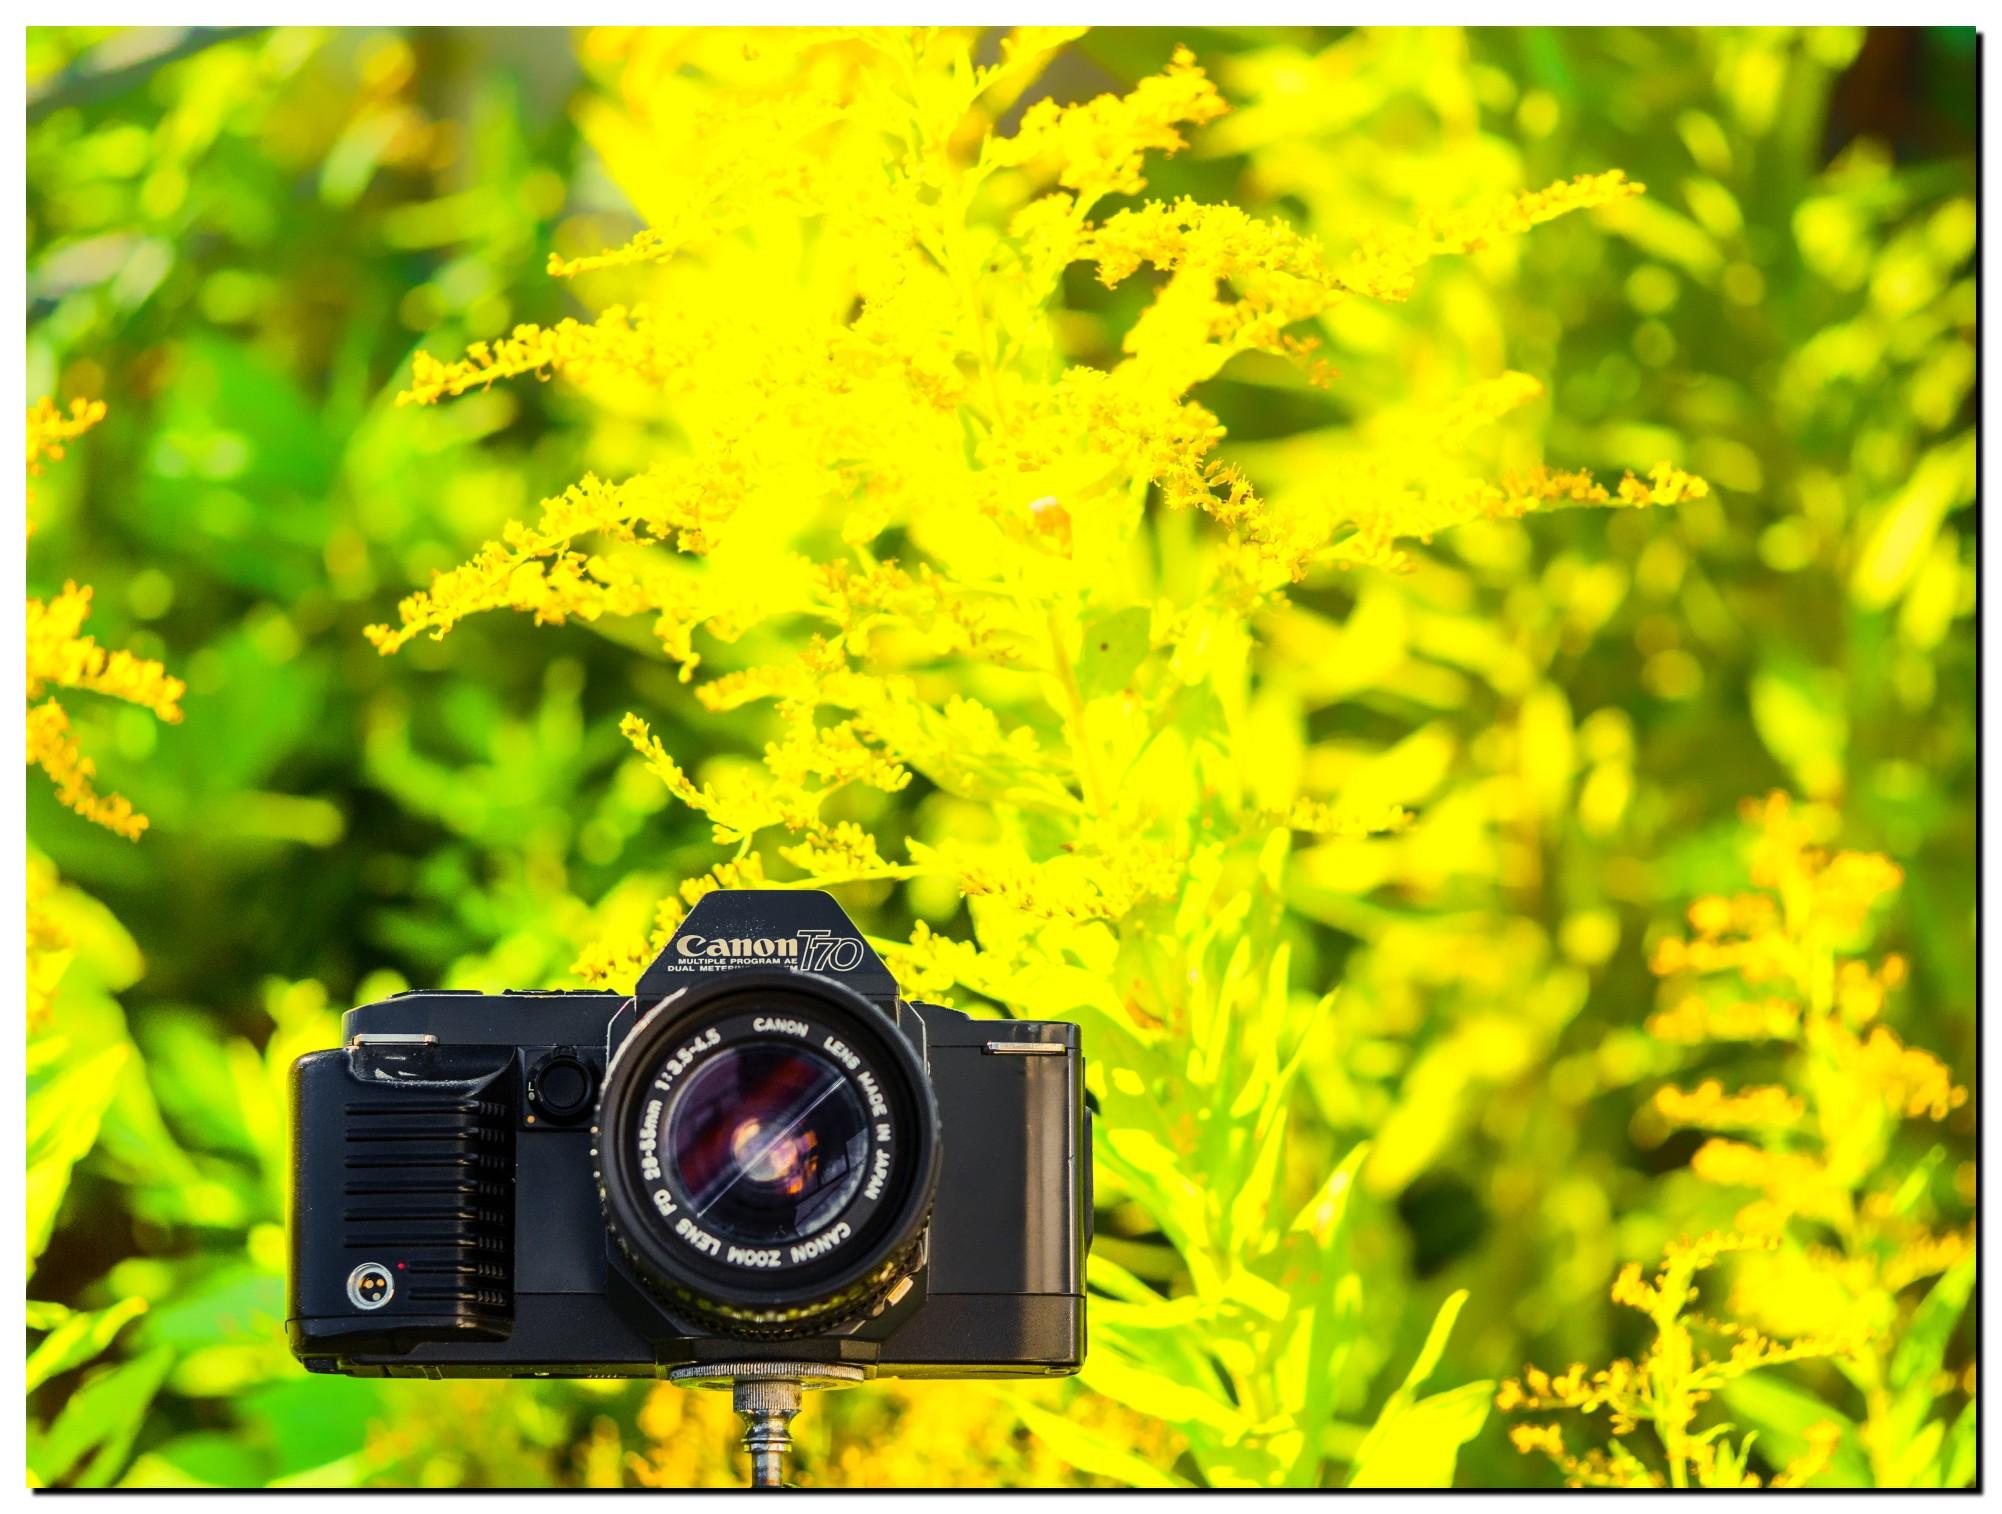 LR-PF229084-Edit-3.jpg